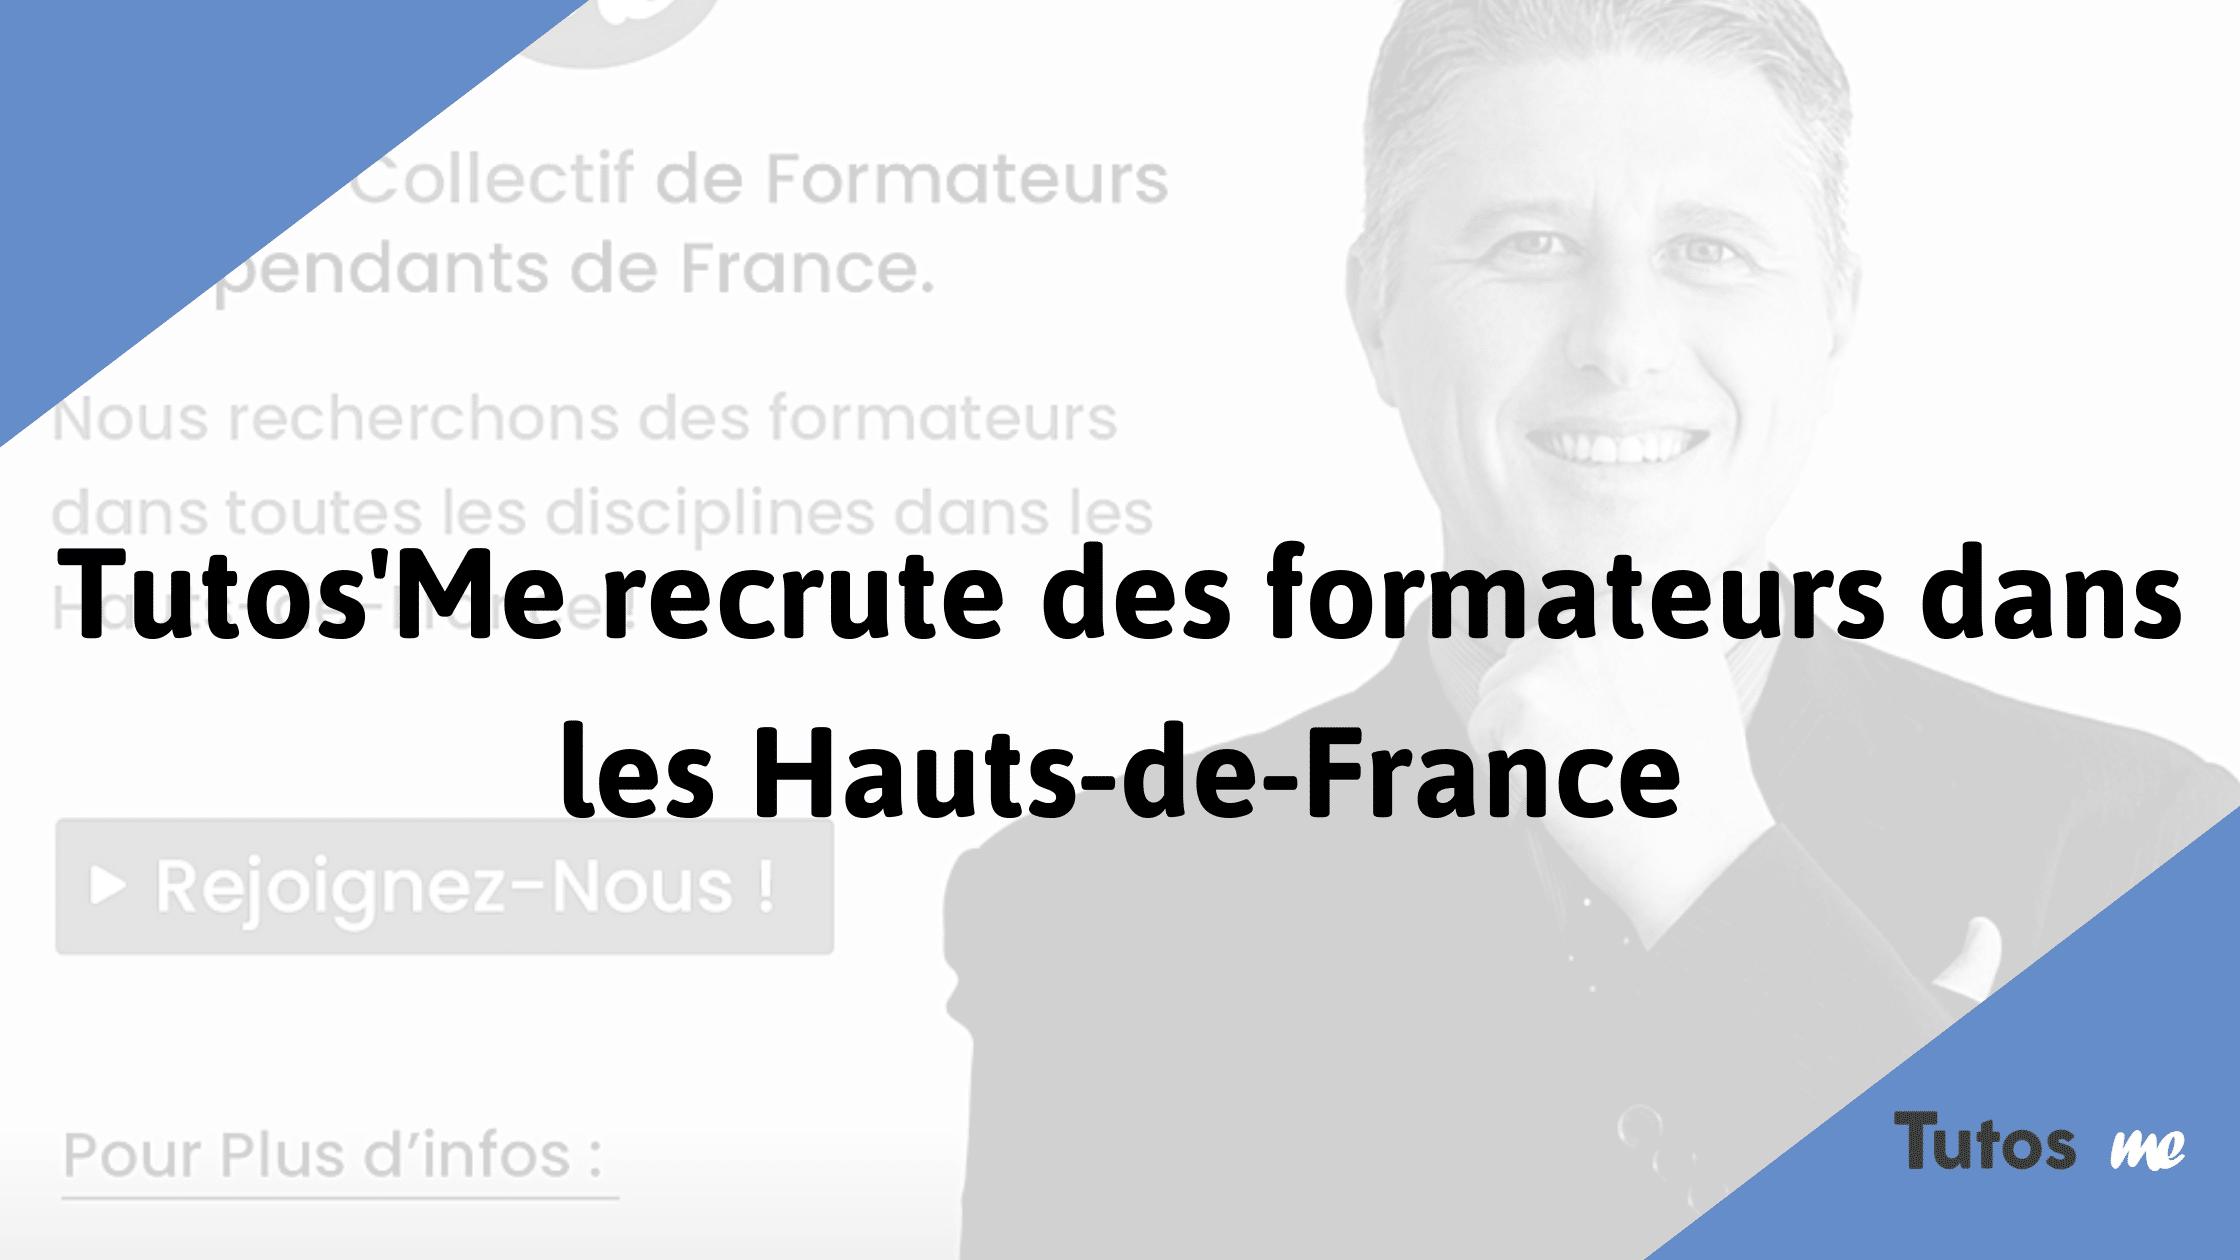 Recrutement de formateurs dans les Hauts de France Tutos'Me